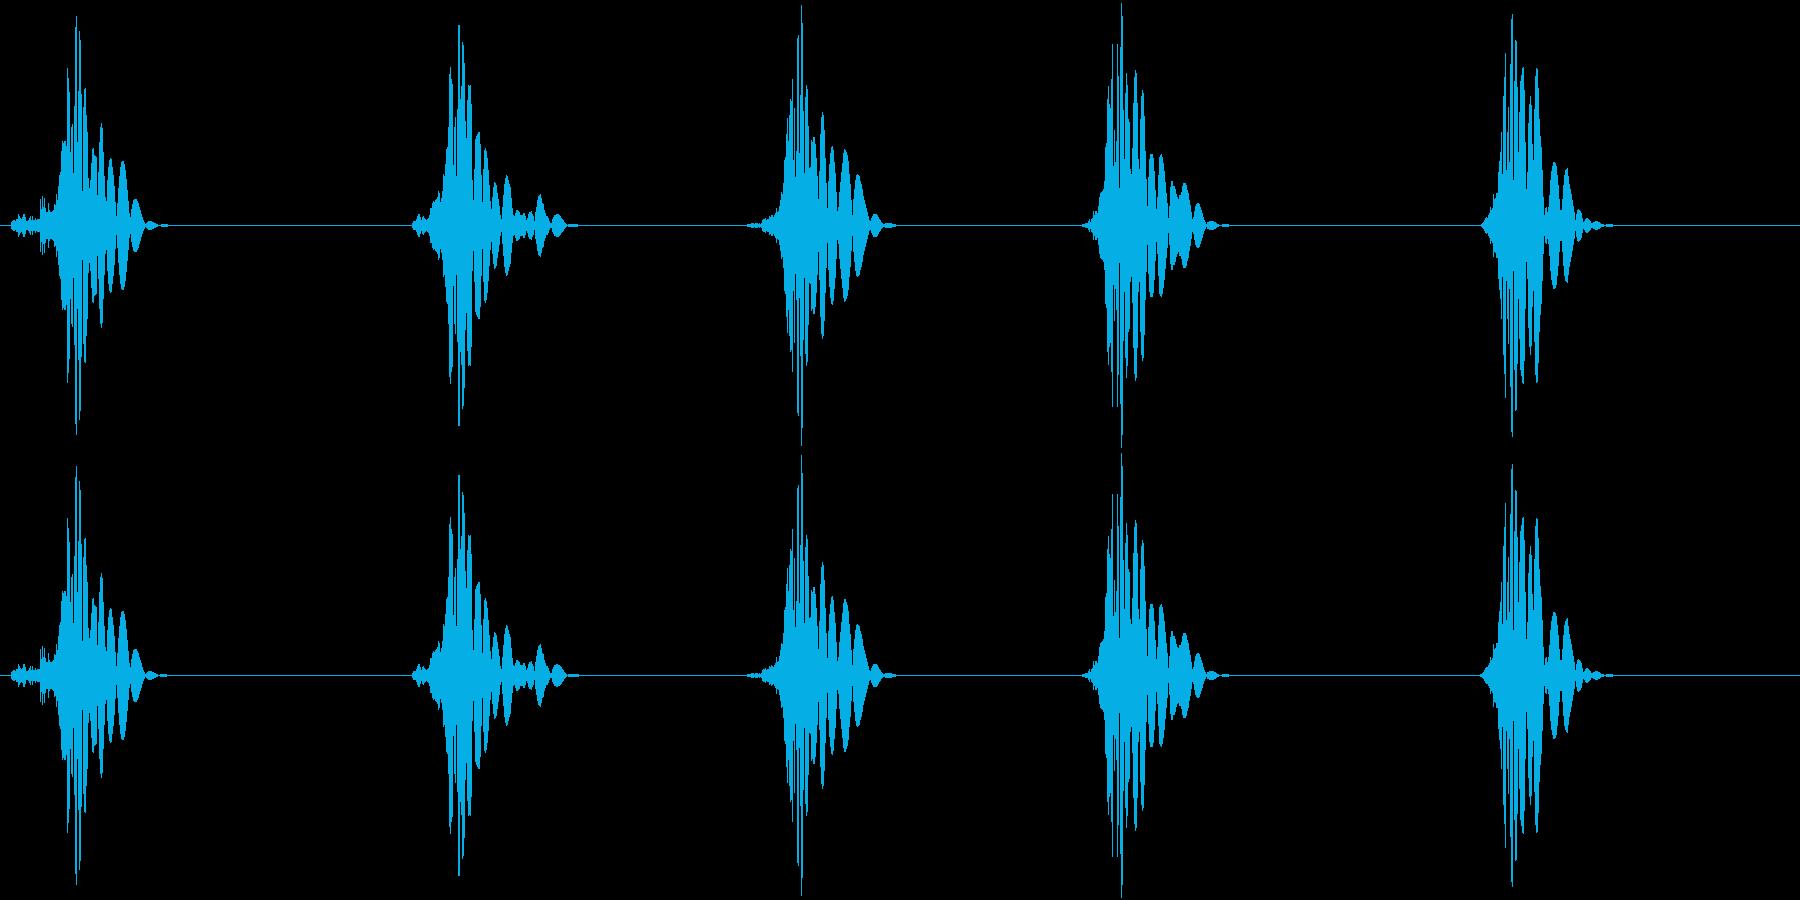 ドフッ 鈍い 攻撃 重い足音の再生済みの波形